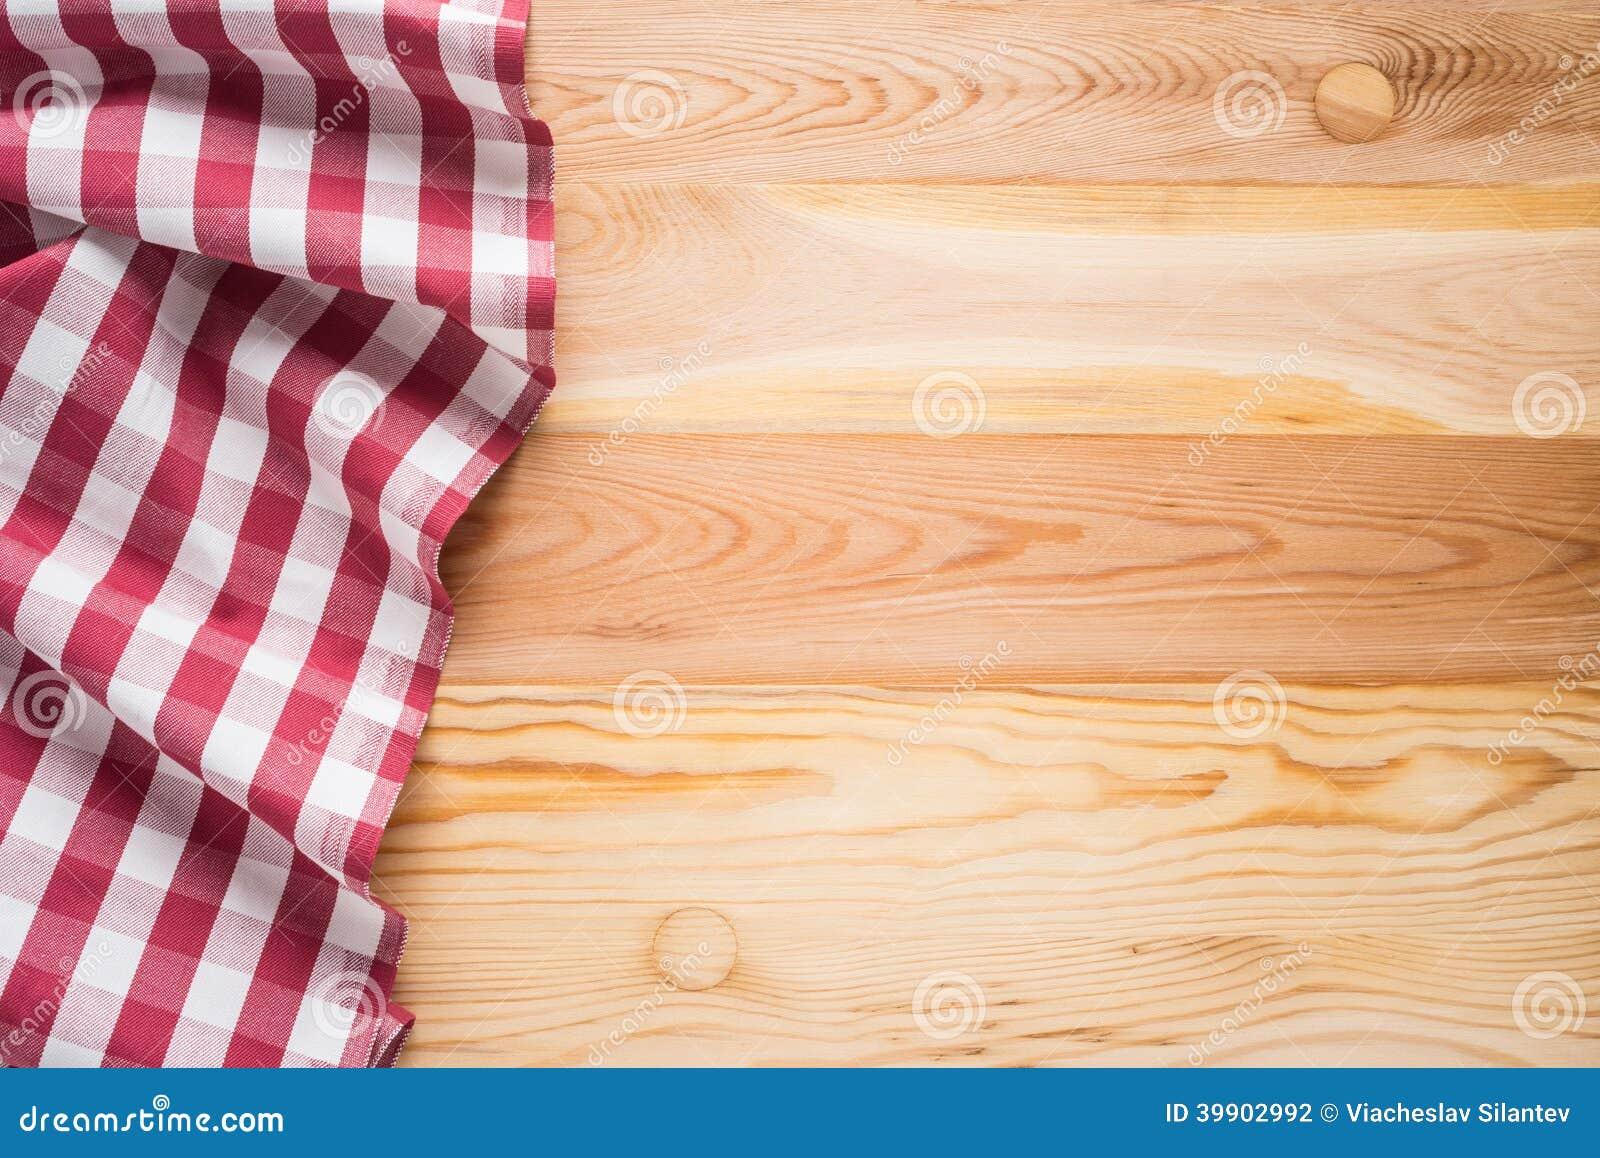 Materia textil del mantel